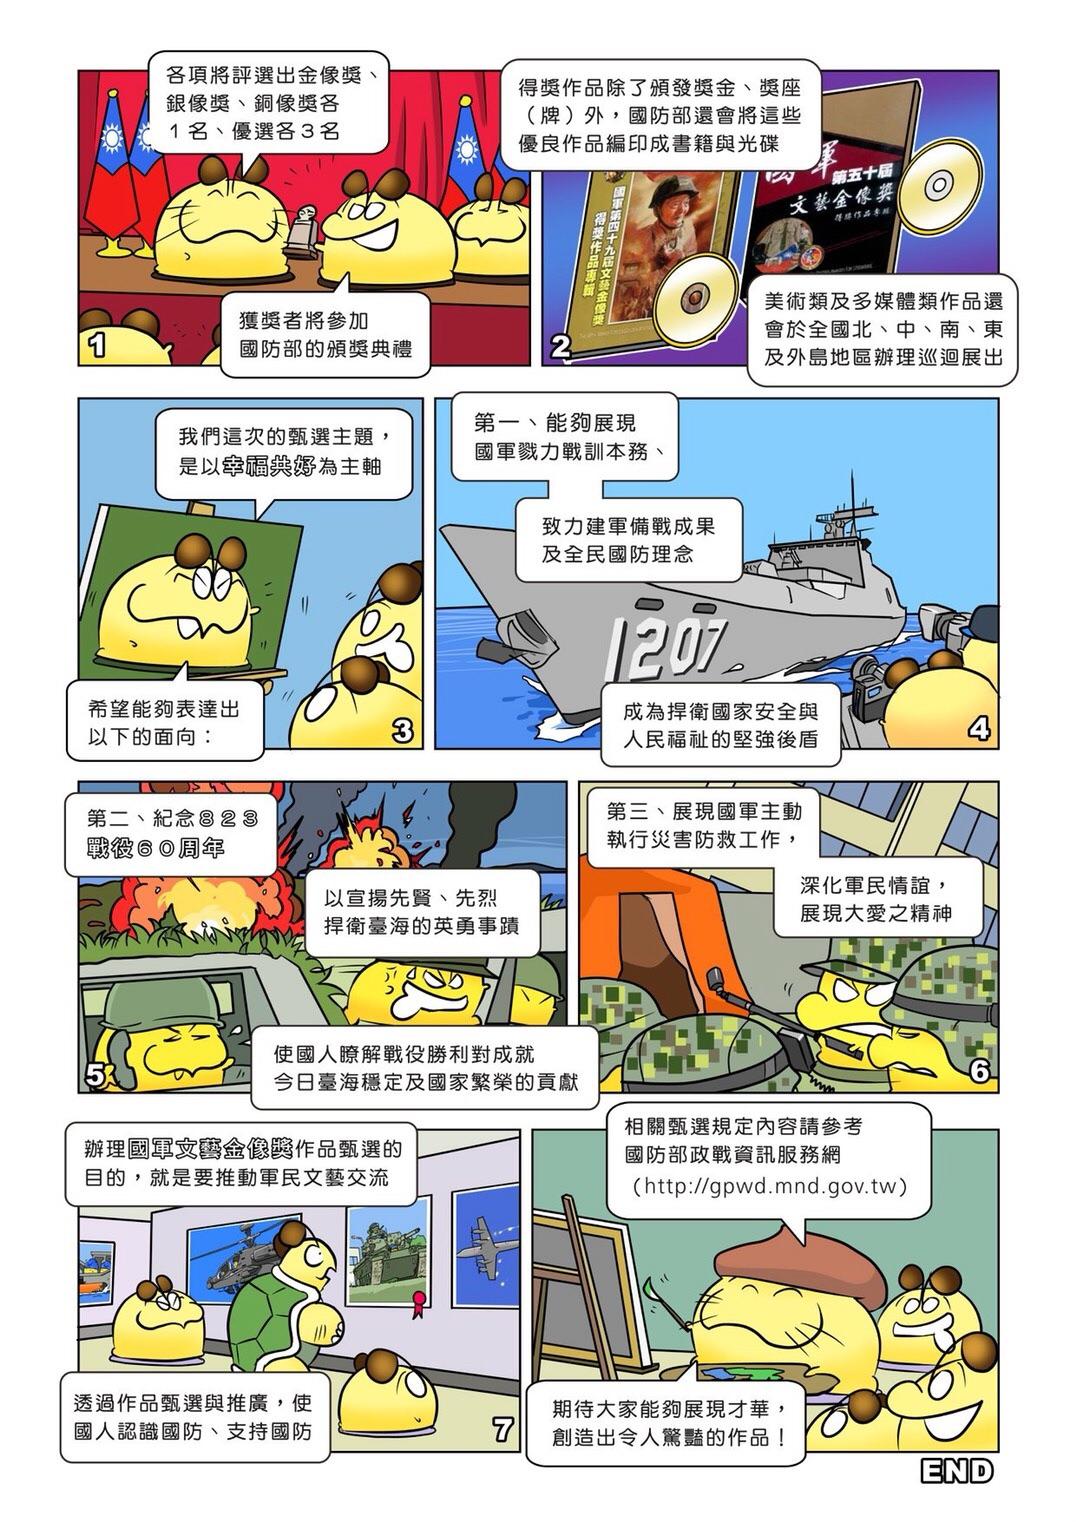 國防Online第25期_軍事藝文,與民交流02.jpg